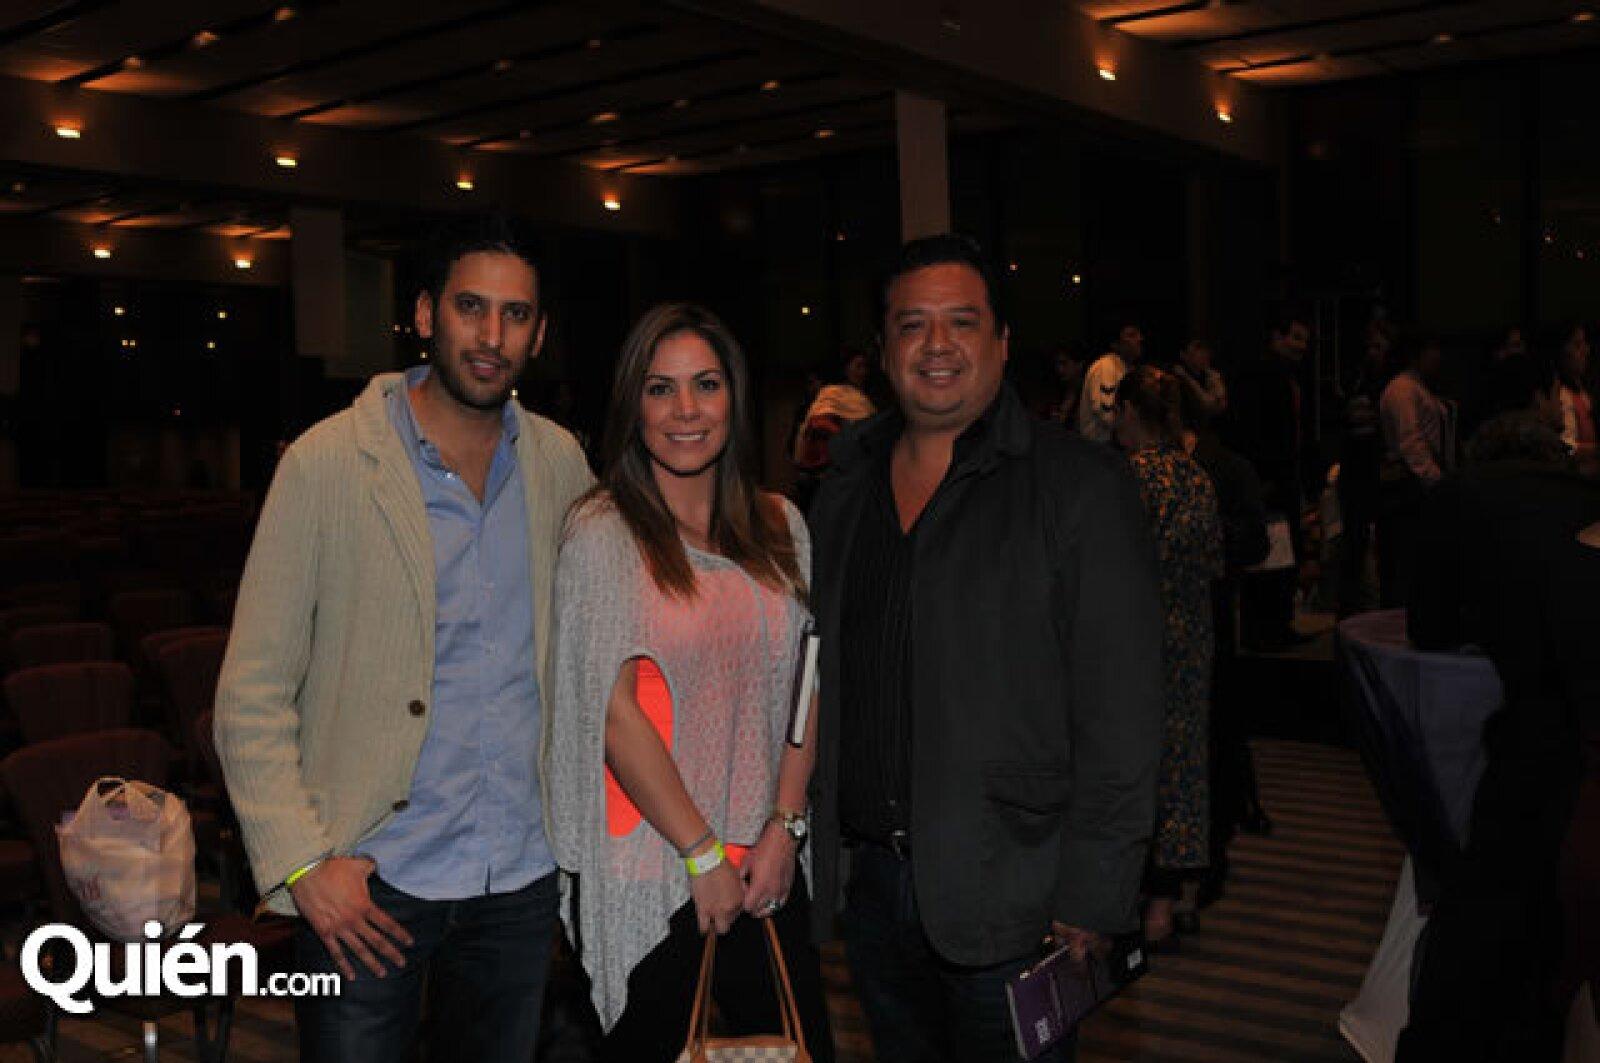 Jorge de la Parra, Verónica Rins y Luis Morales